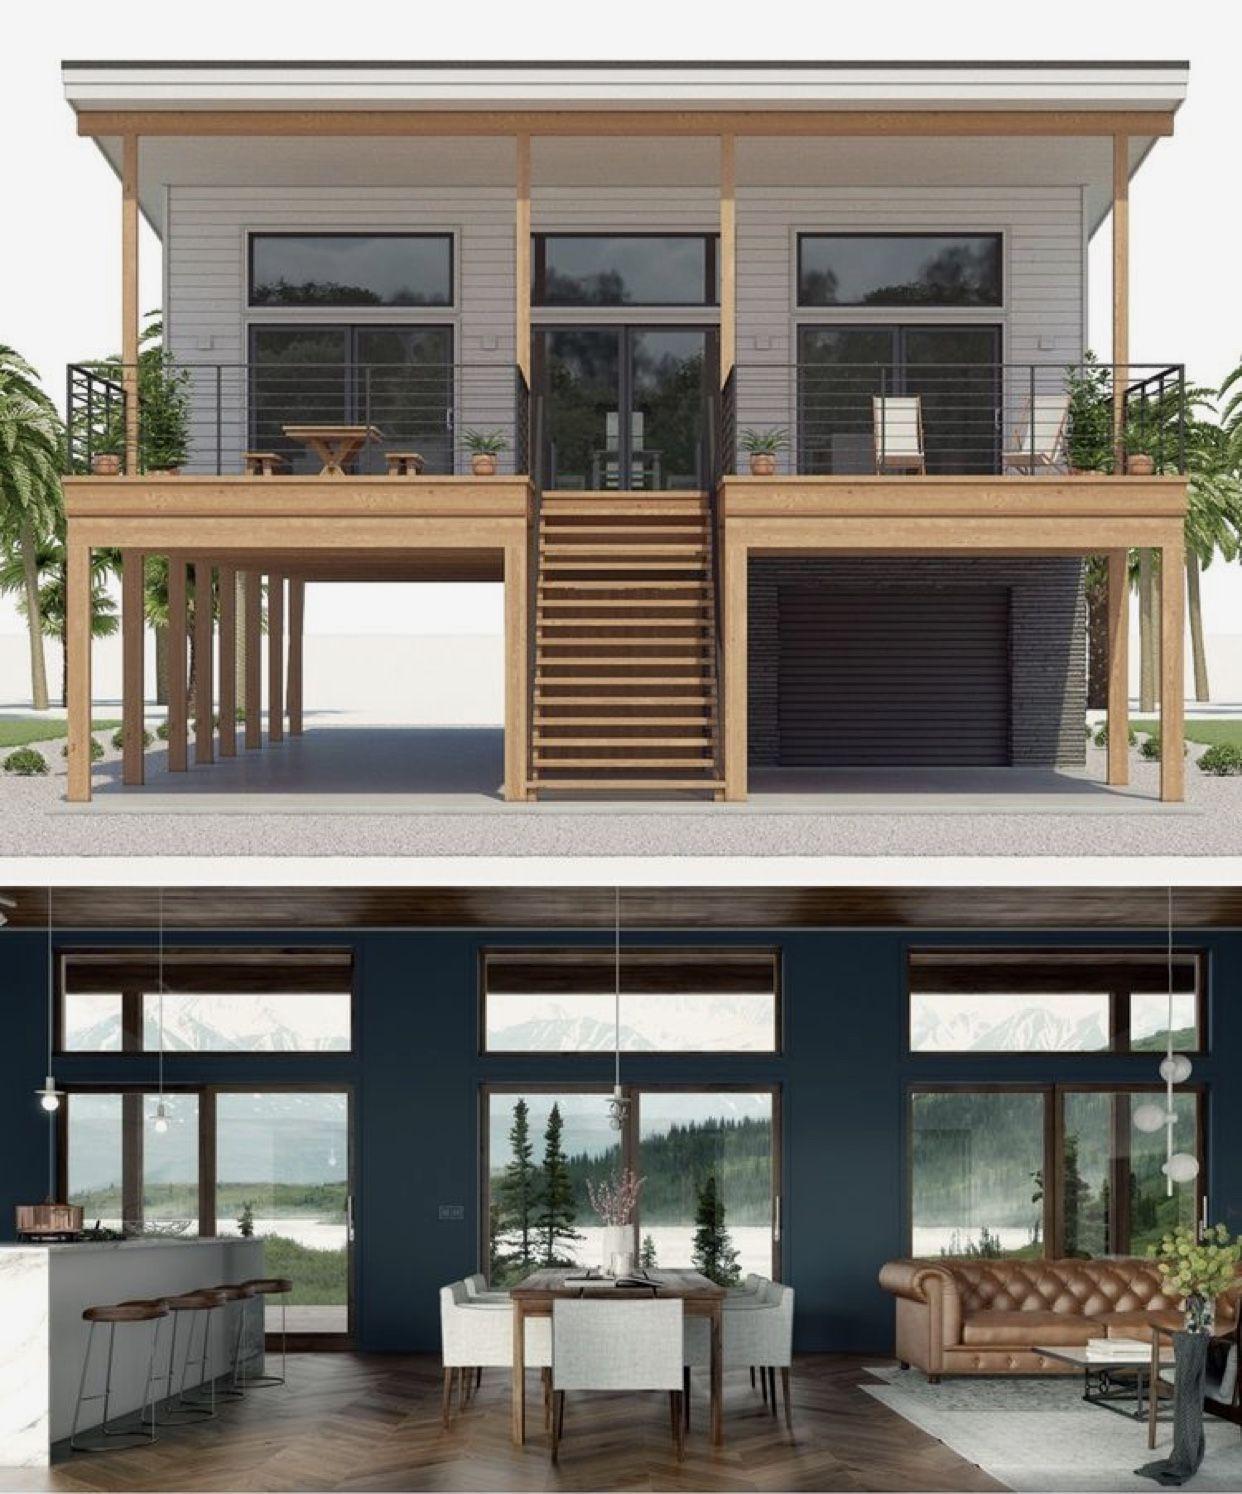 Modern Stilt House Plans In 2020 House On Stilts Stilt House Plans Modern Beach House